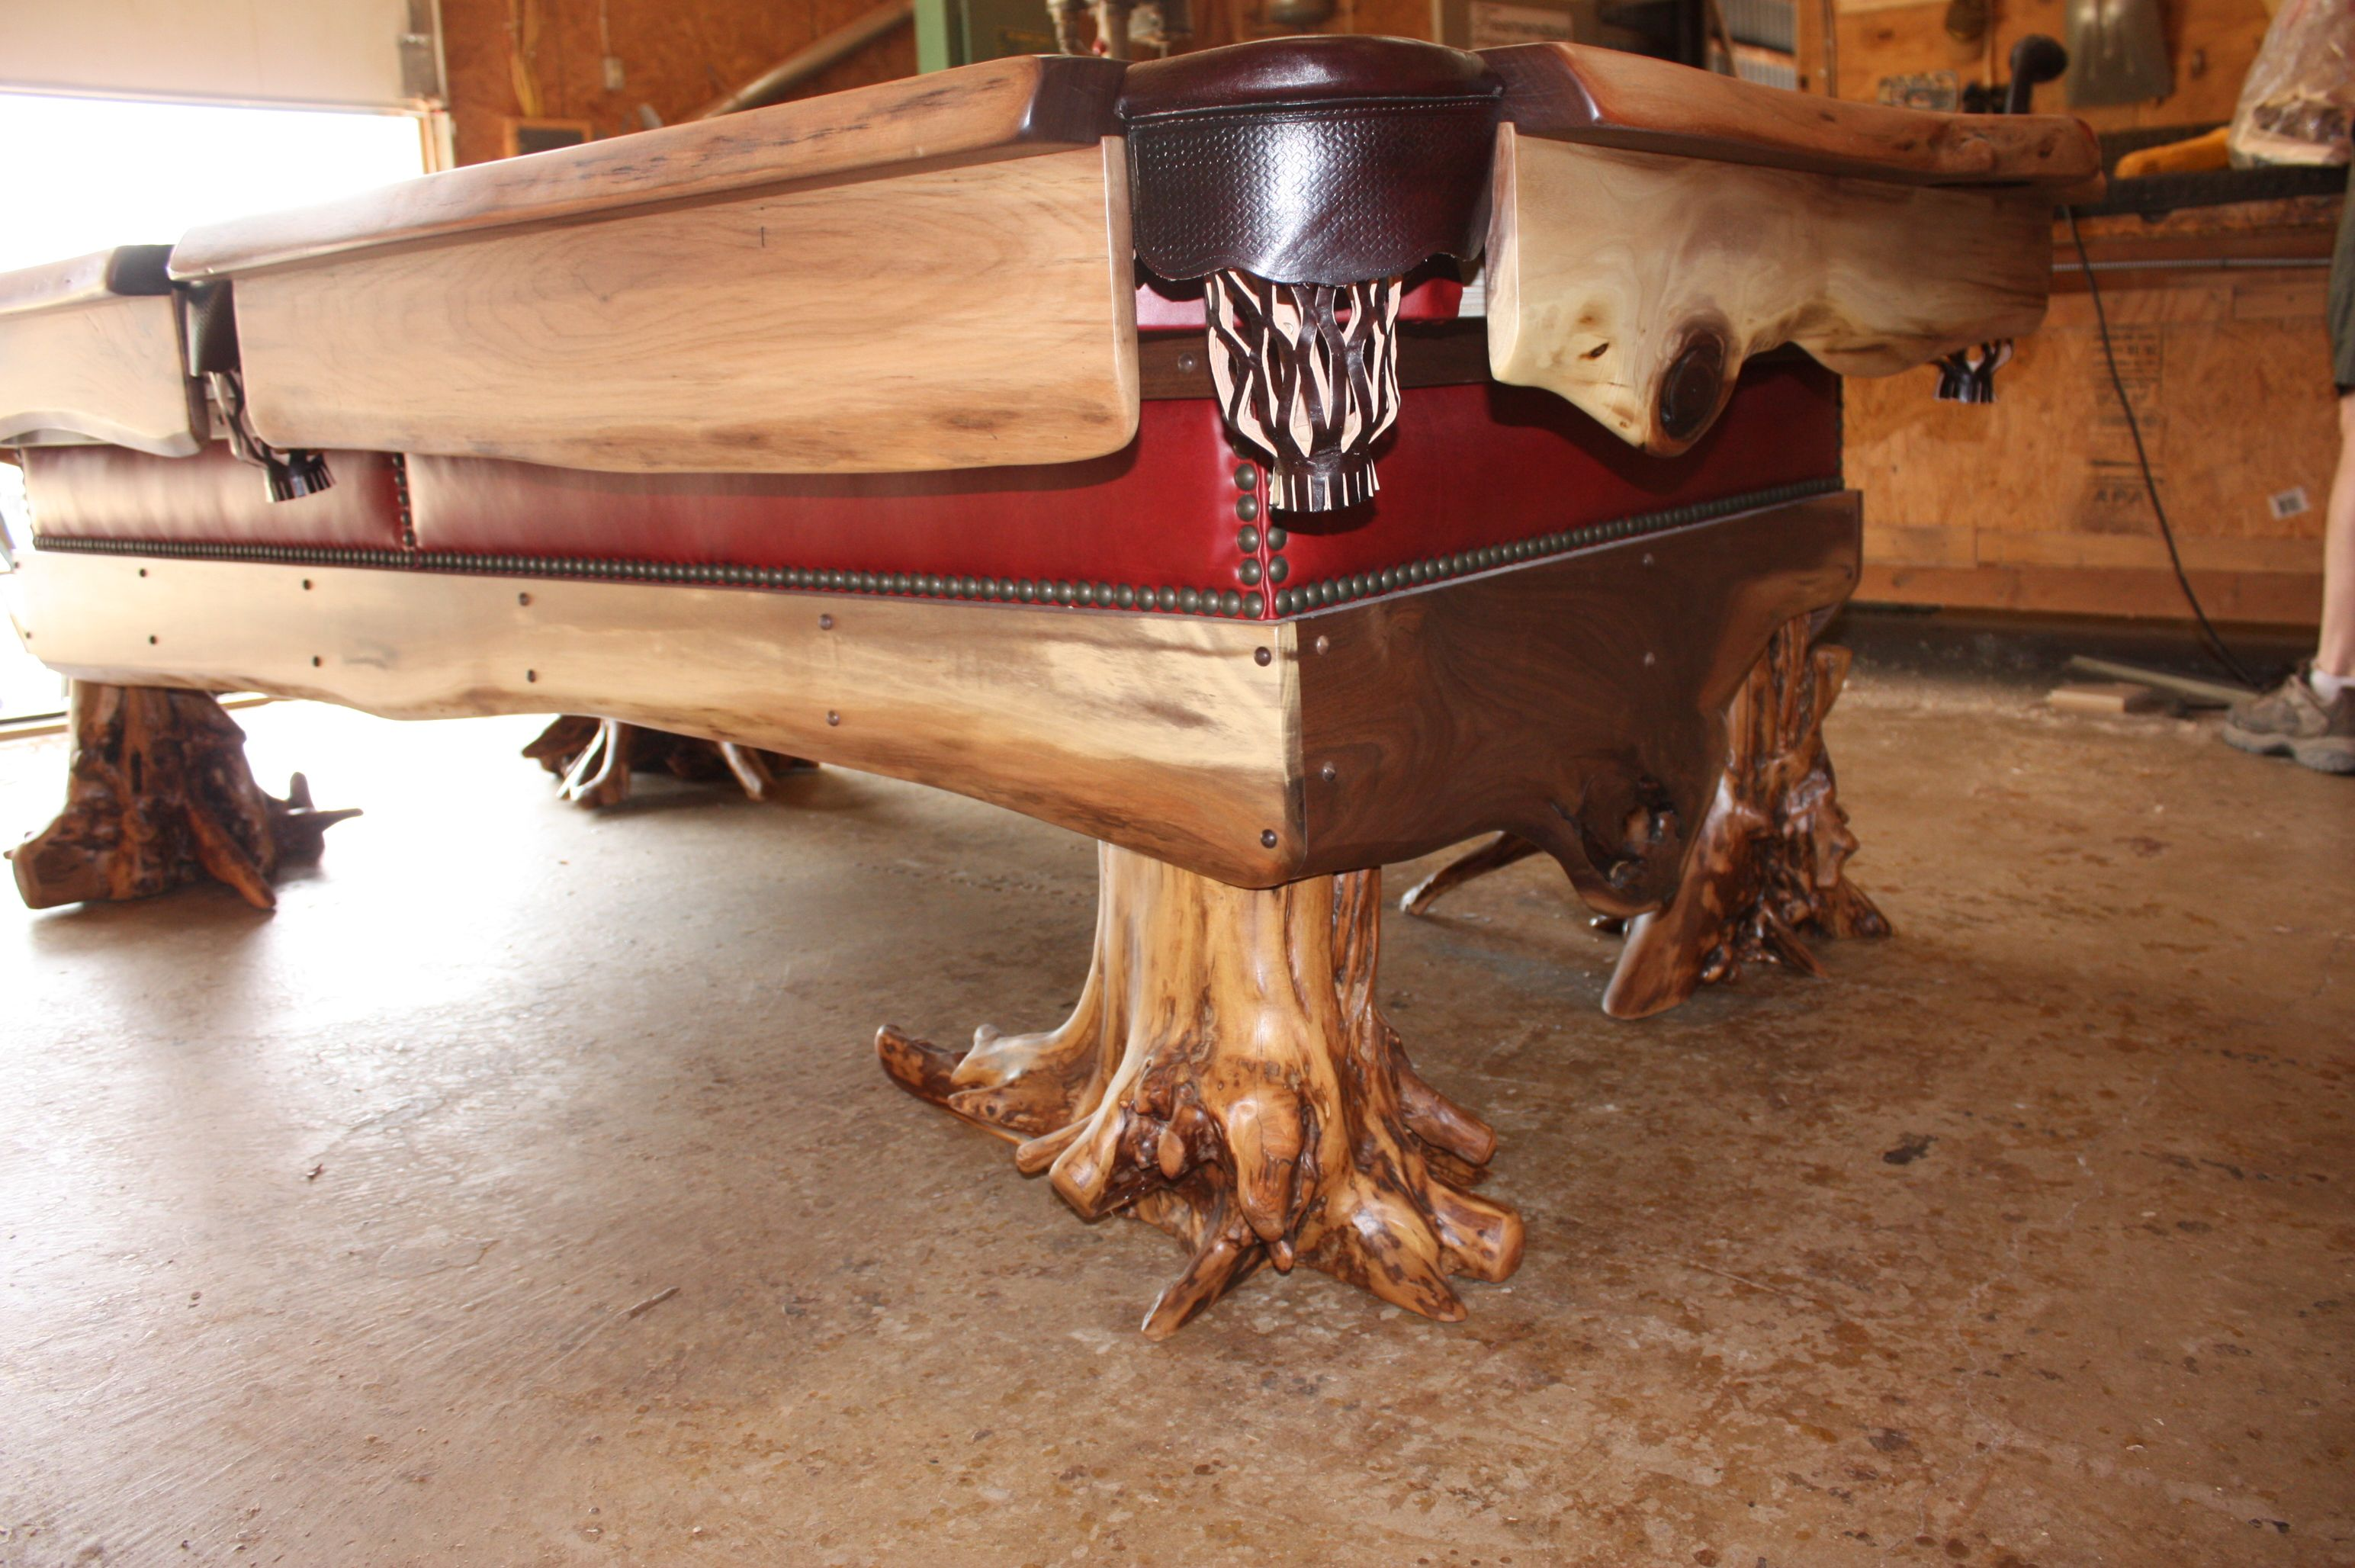 Rustic cabin furniture - Our Furniture Treemendous Designs Custom Rustic Cabin Furniture